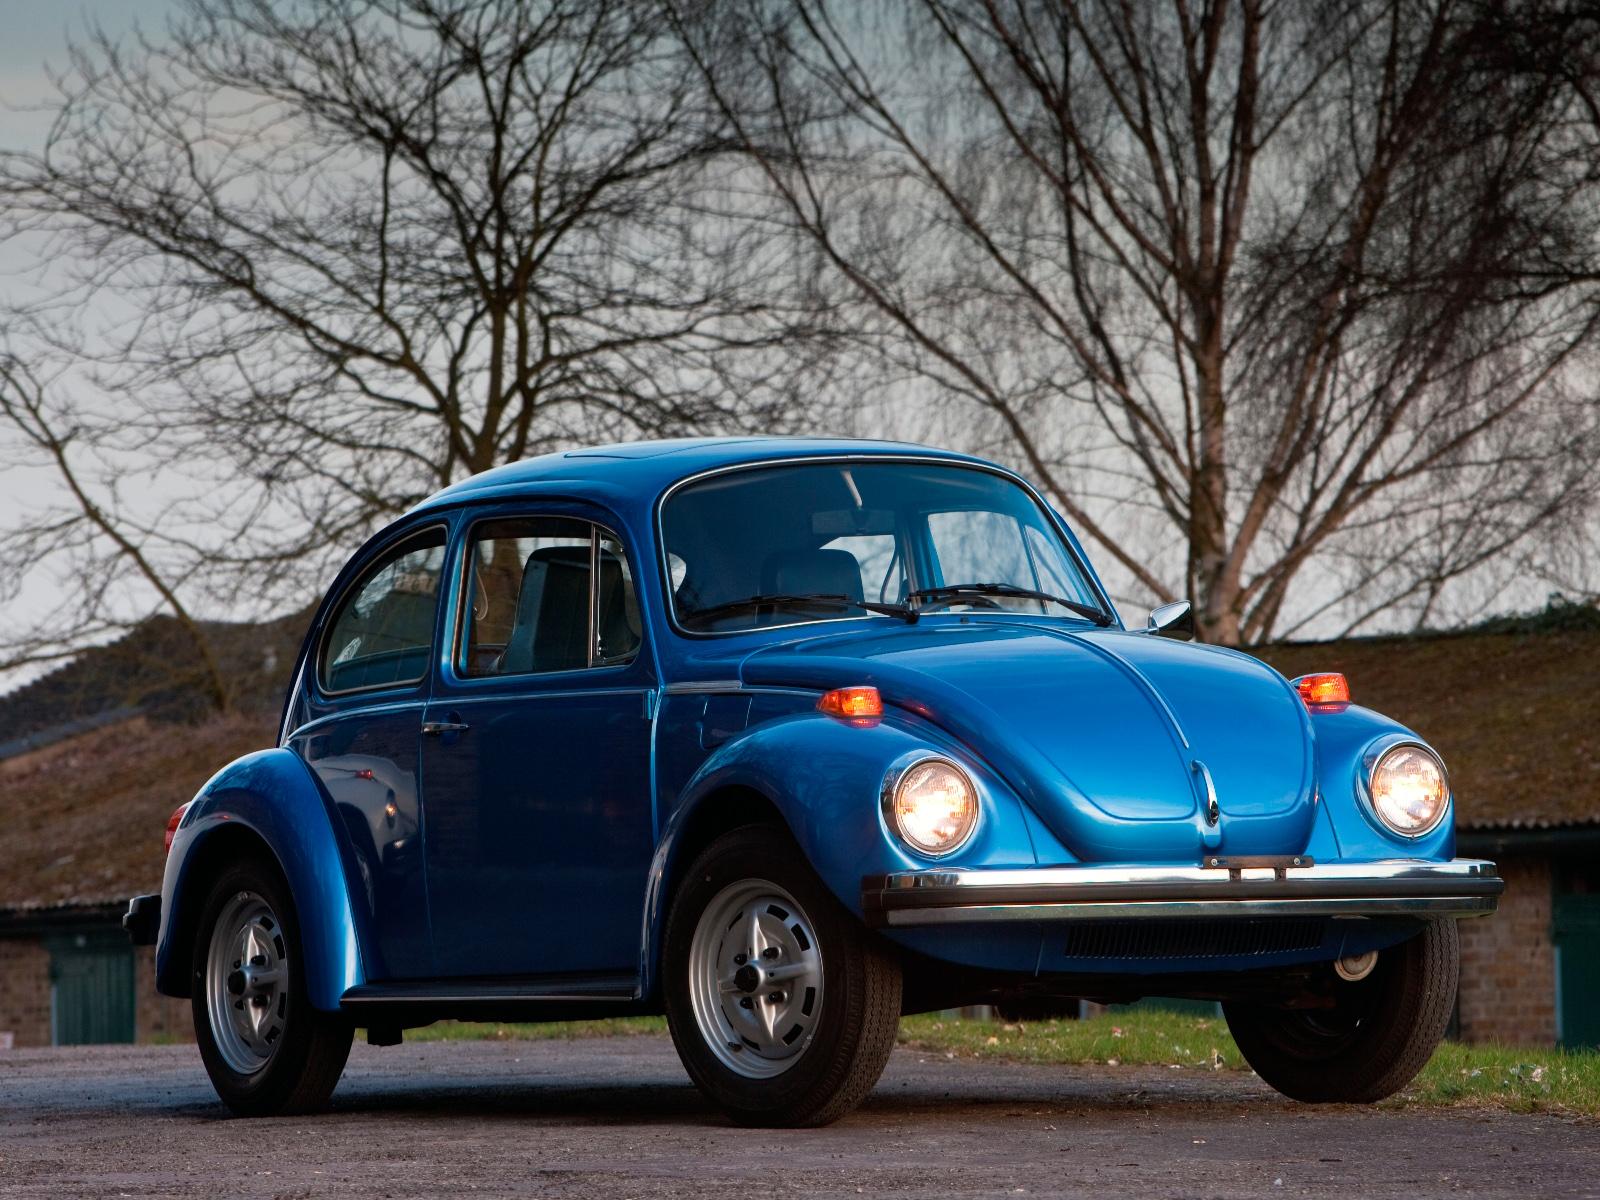 1975 volkswagen beetle v w classic wallpaper 1600x1200 94023 wallpaperup